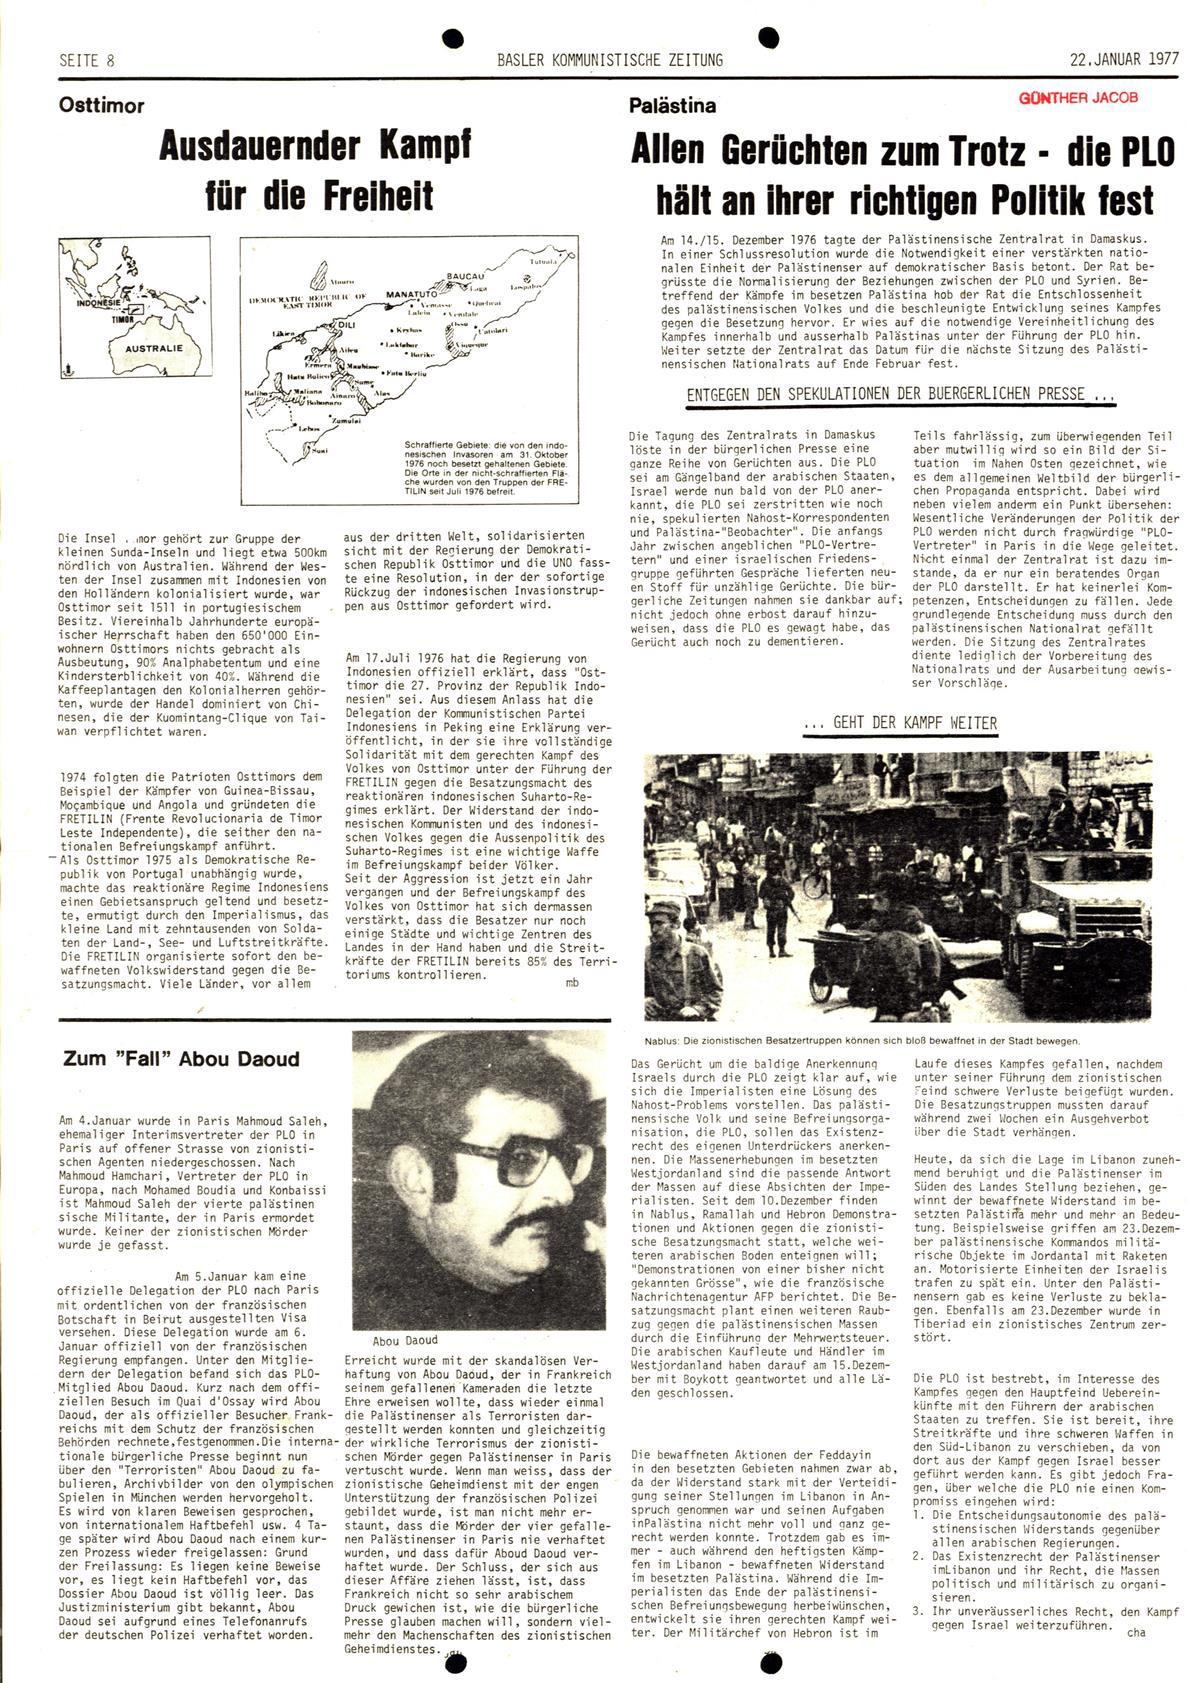 Basel_Kommunistische_Zeitung_19770122_08